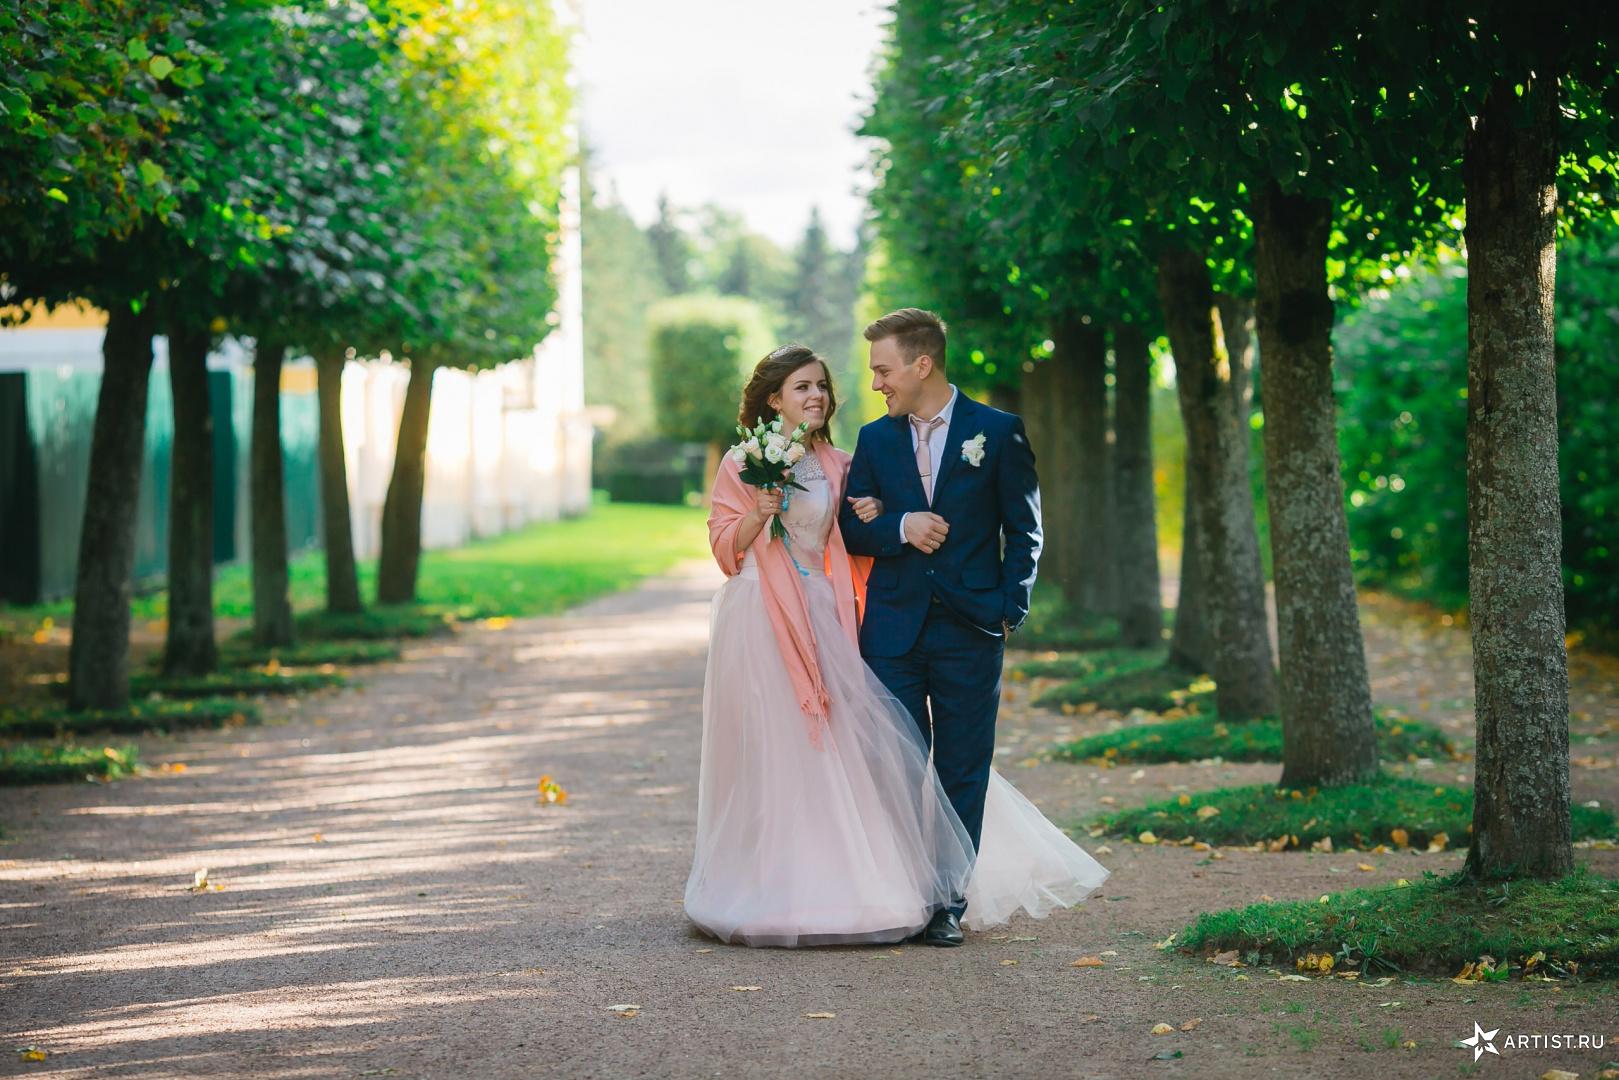 Фото 10 из 15 из альбома Свадьба Анастасии и Дмитрия Андрея Кислого